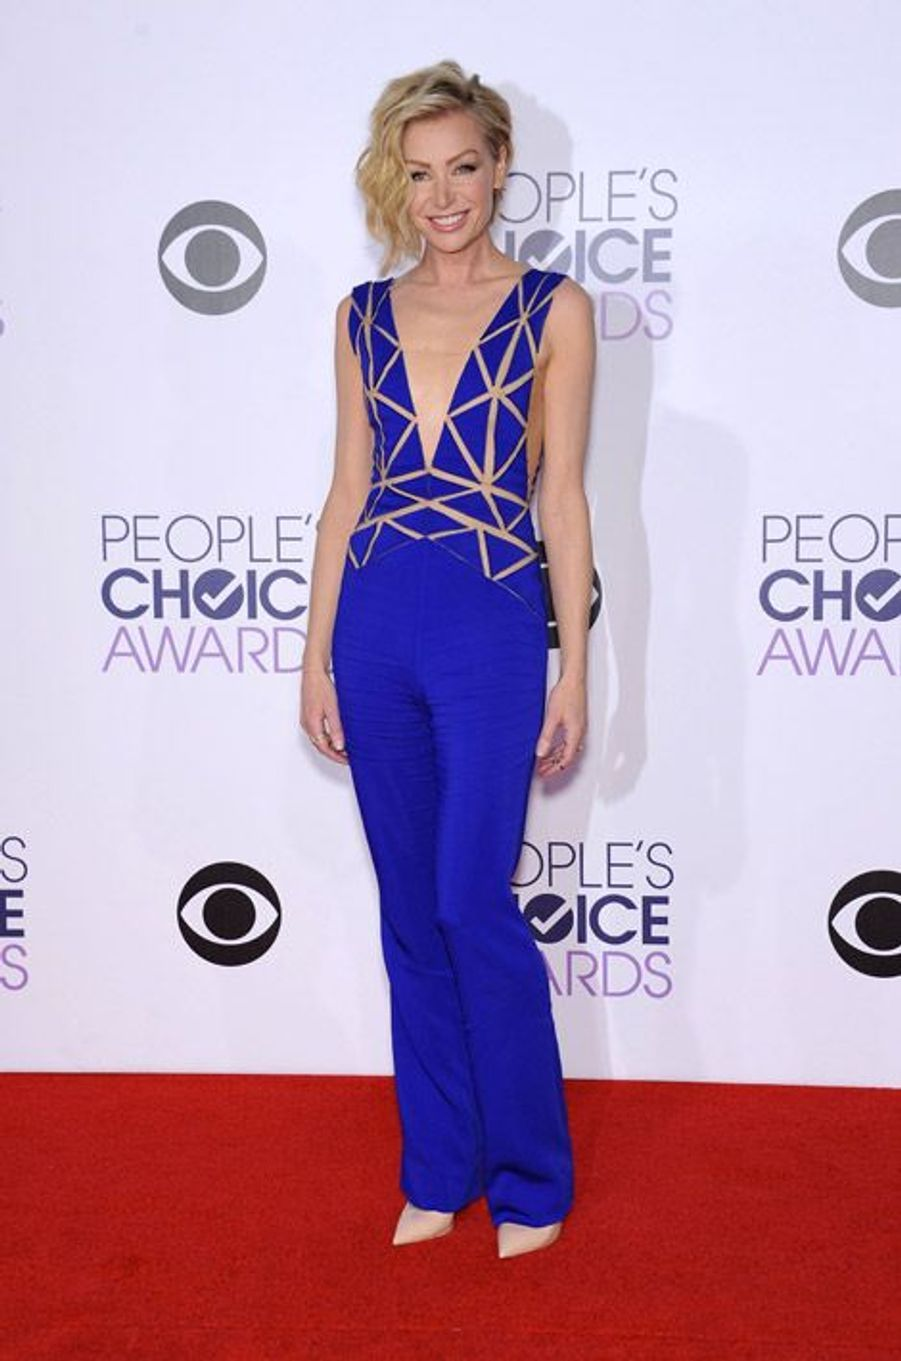 L'actrice australienne Portia de Rossi, en Zuhair Murad lors de la cérémonie des People Choice Awards, le 7 janvier 2015